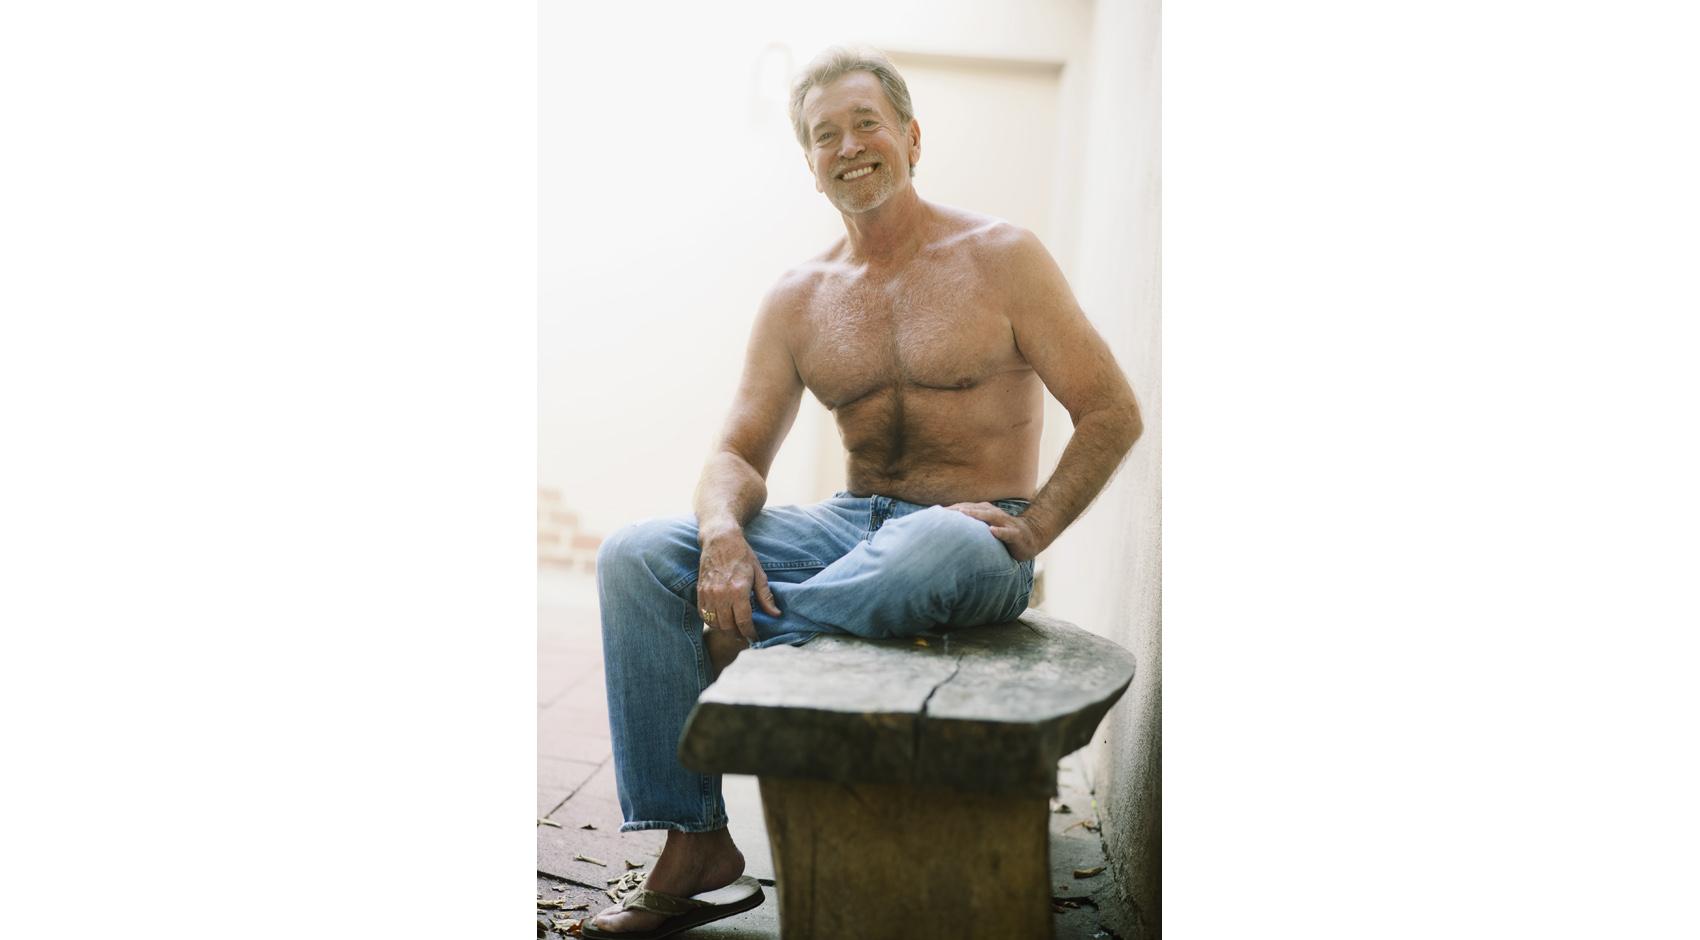 Men Over 50 - Steve B.